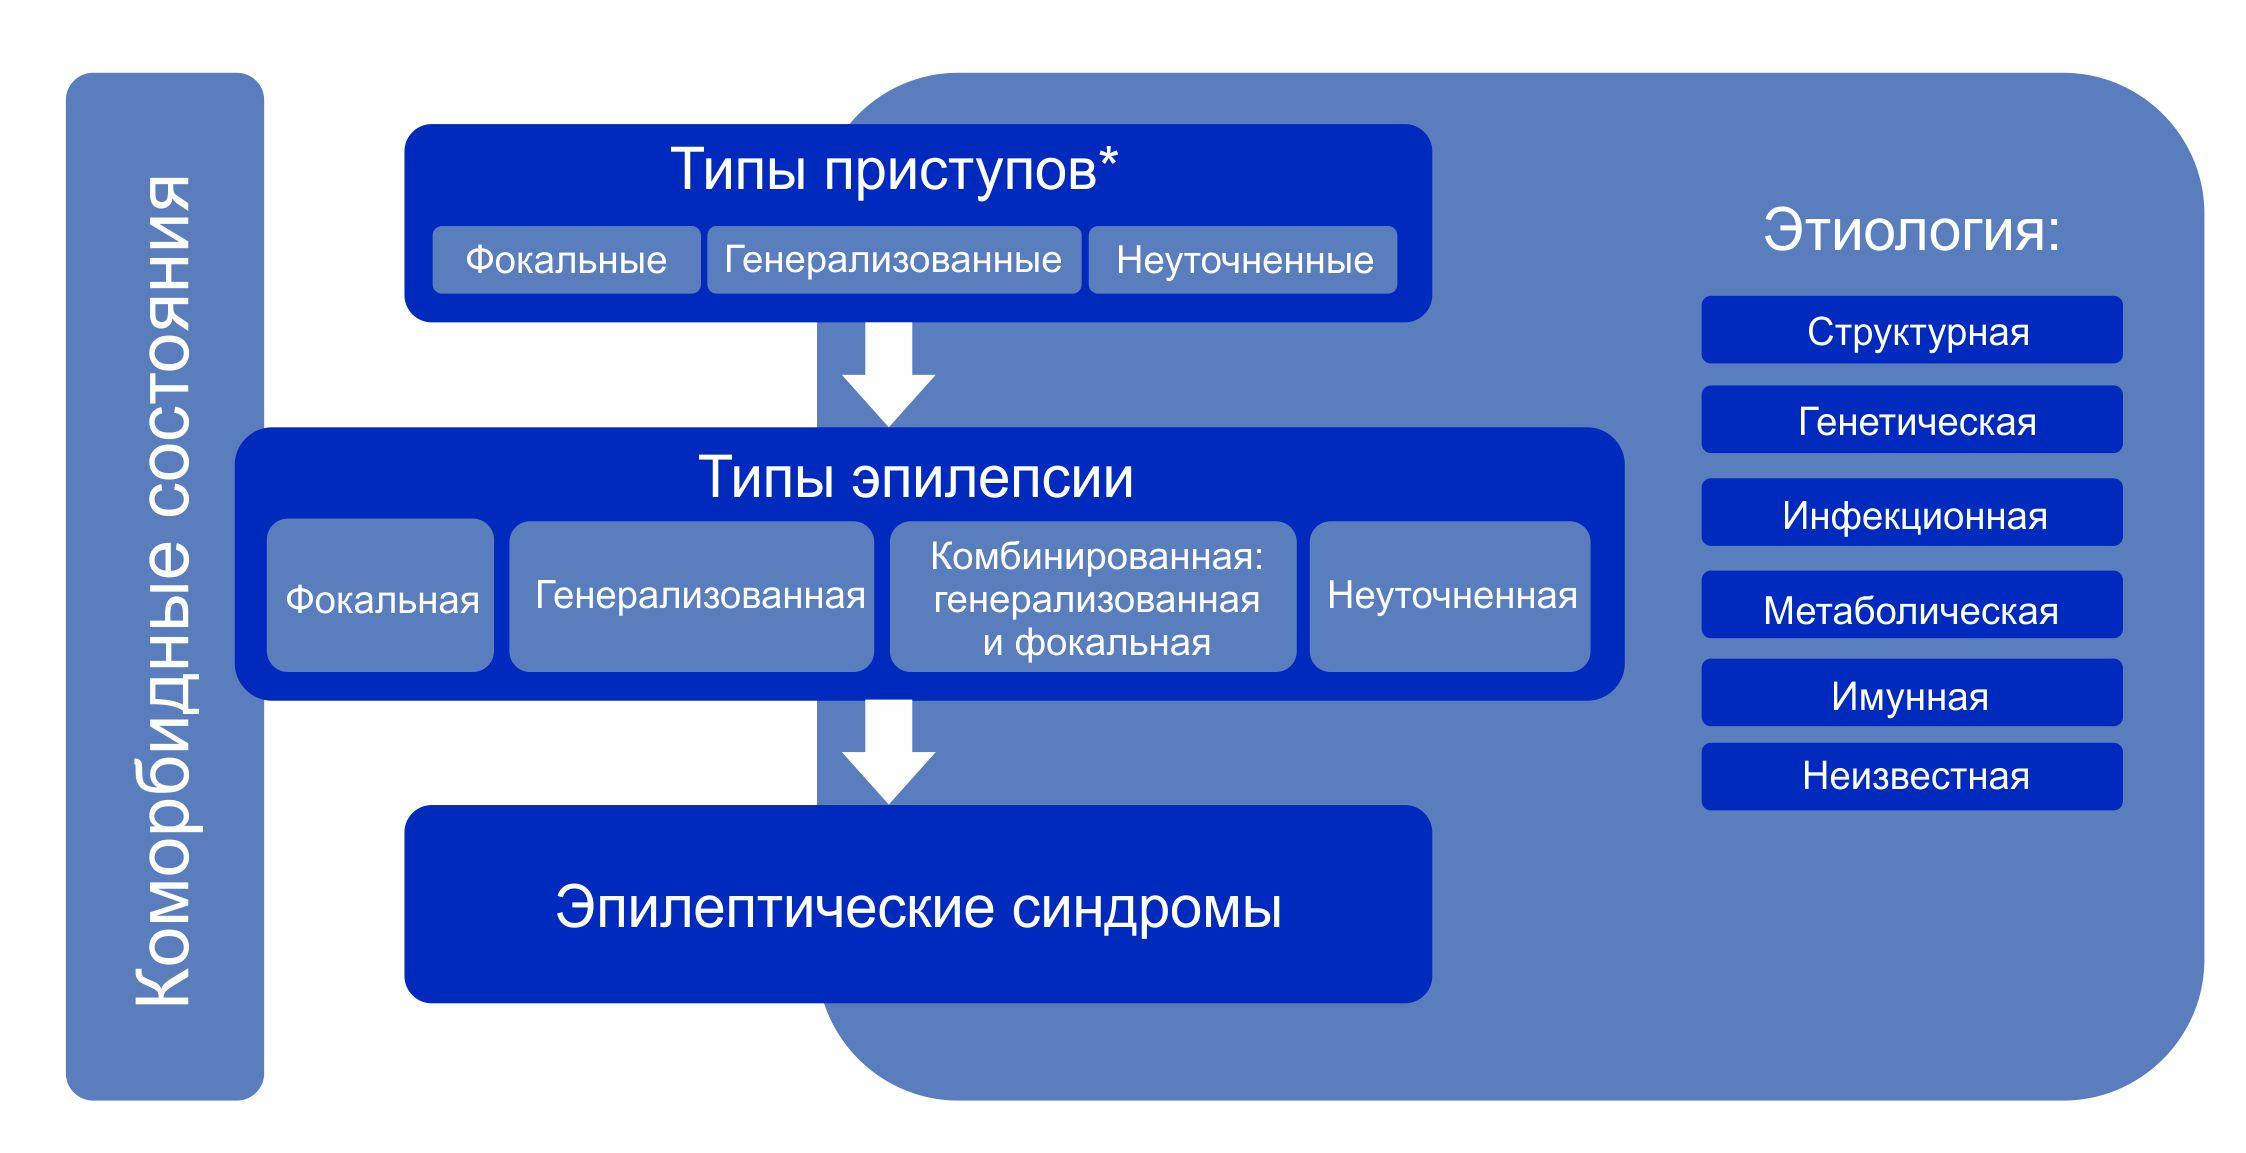 Эпилепсия (м.я. киссин) - кафедра психиатрии и наркологии 1спбгму им. и.п. павлова